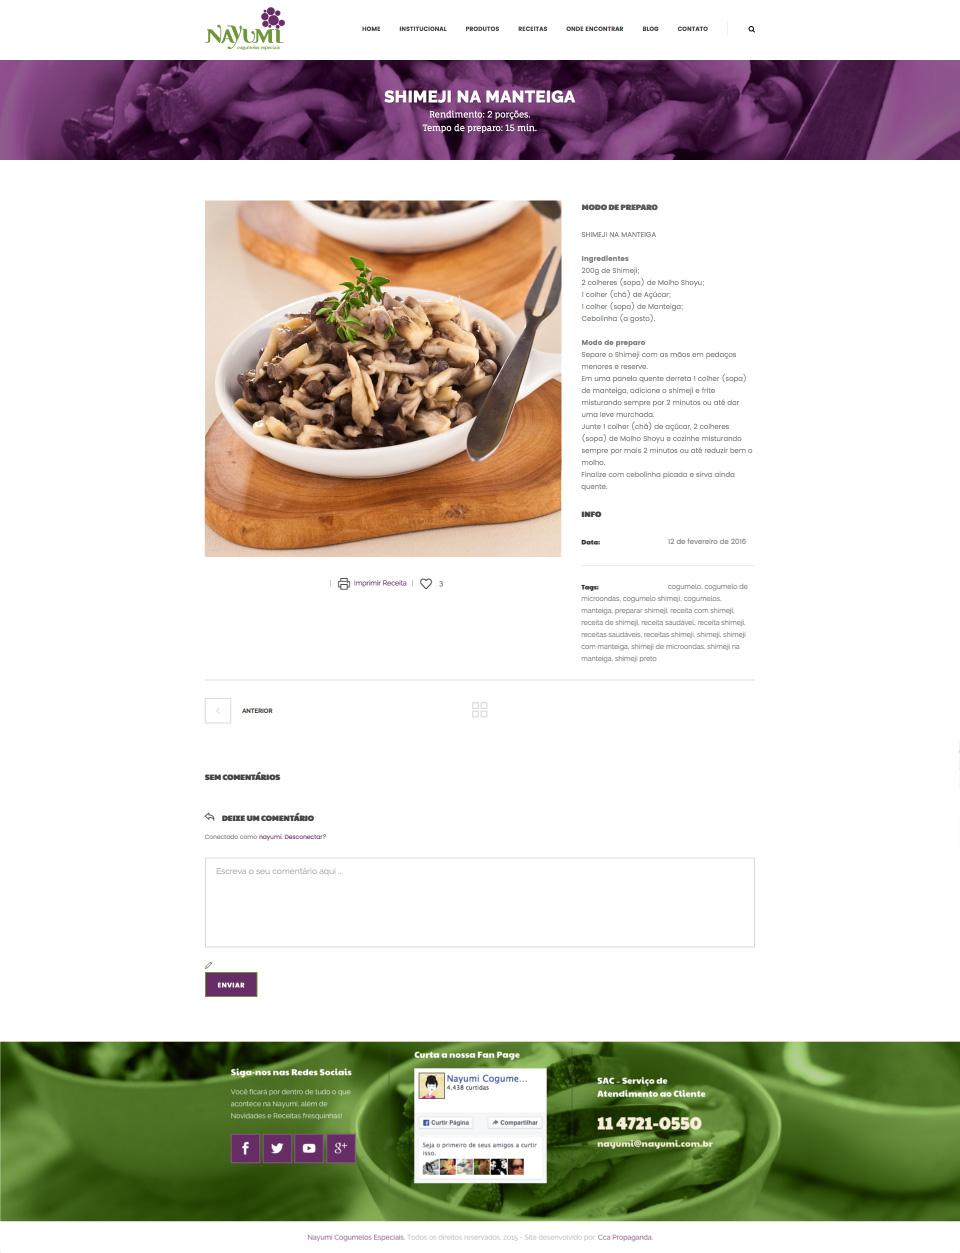 site-shimeji-na-manteiga-nayumi-cogumelos